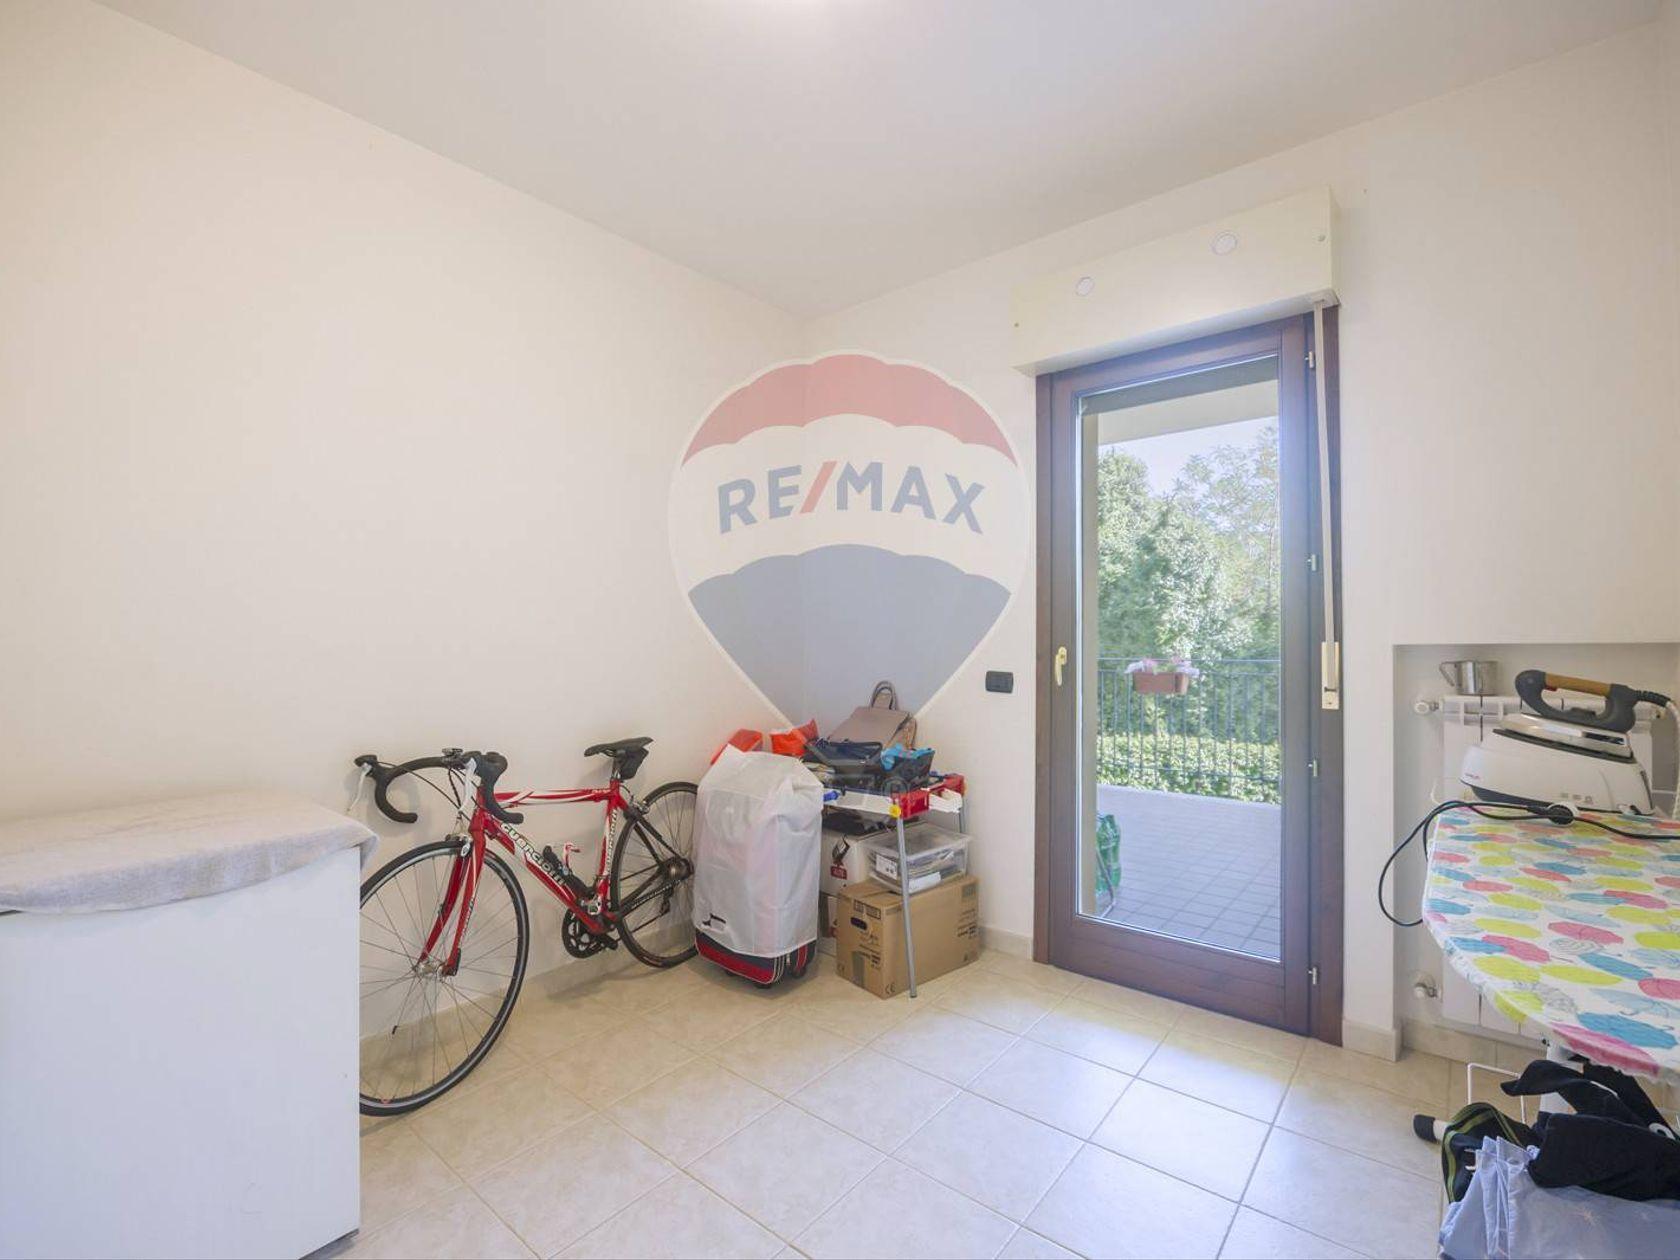 Appartamento Madonna delle Piane, Chieti, CH Vendita - Foto 17